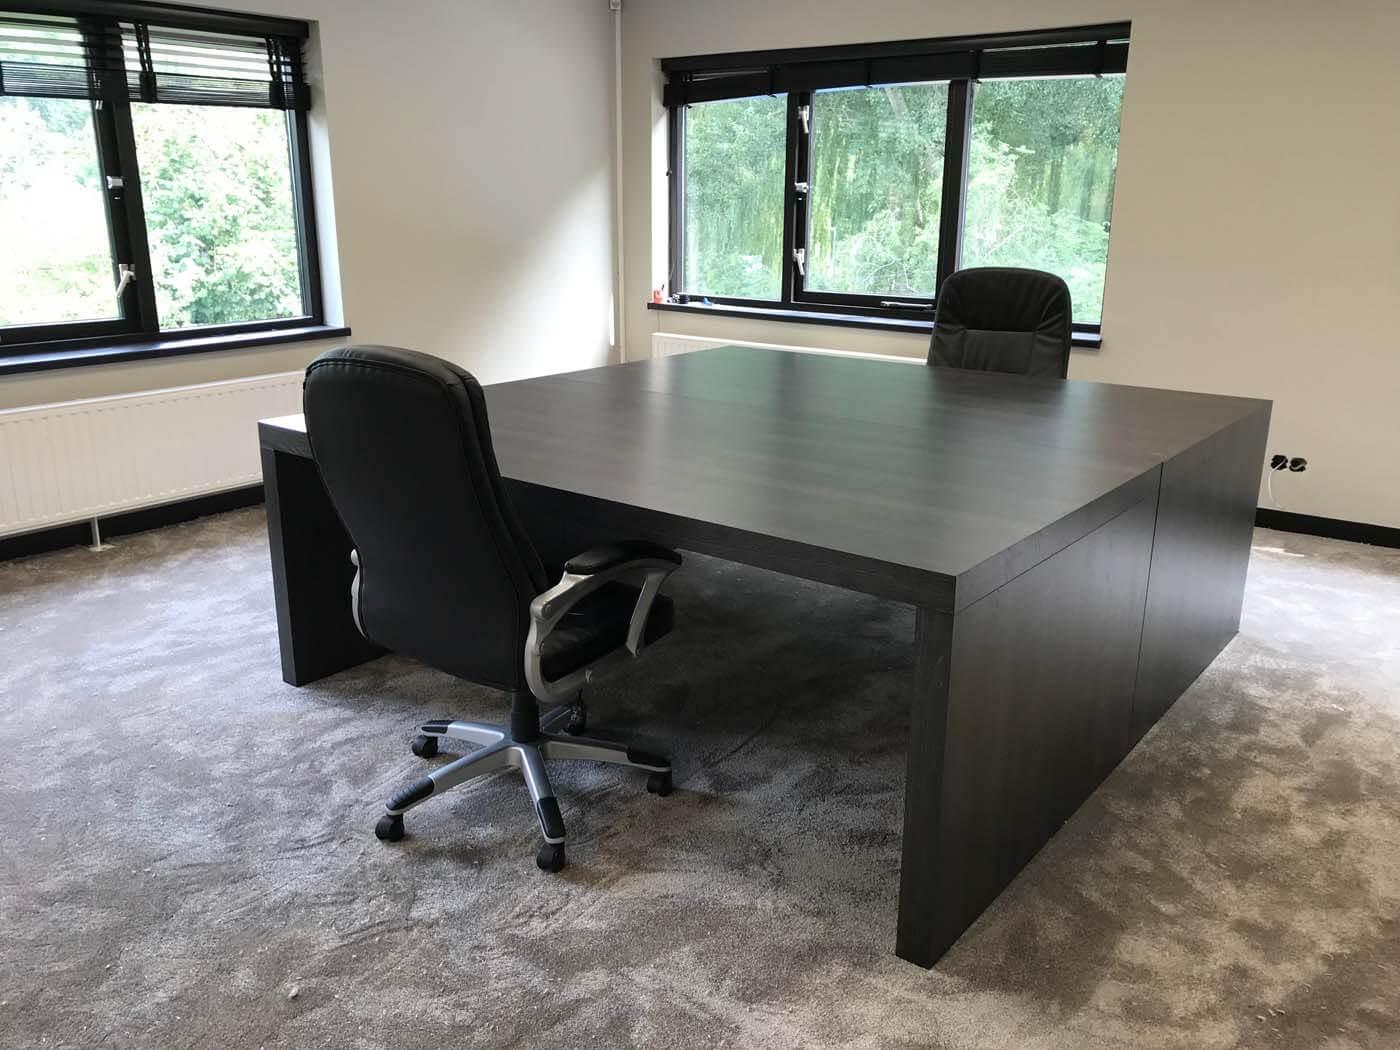 Voordelen kantoorinrichting op maat Veldboom